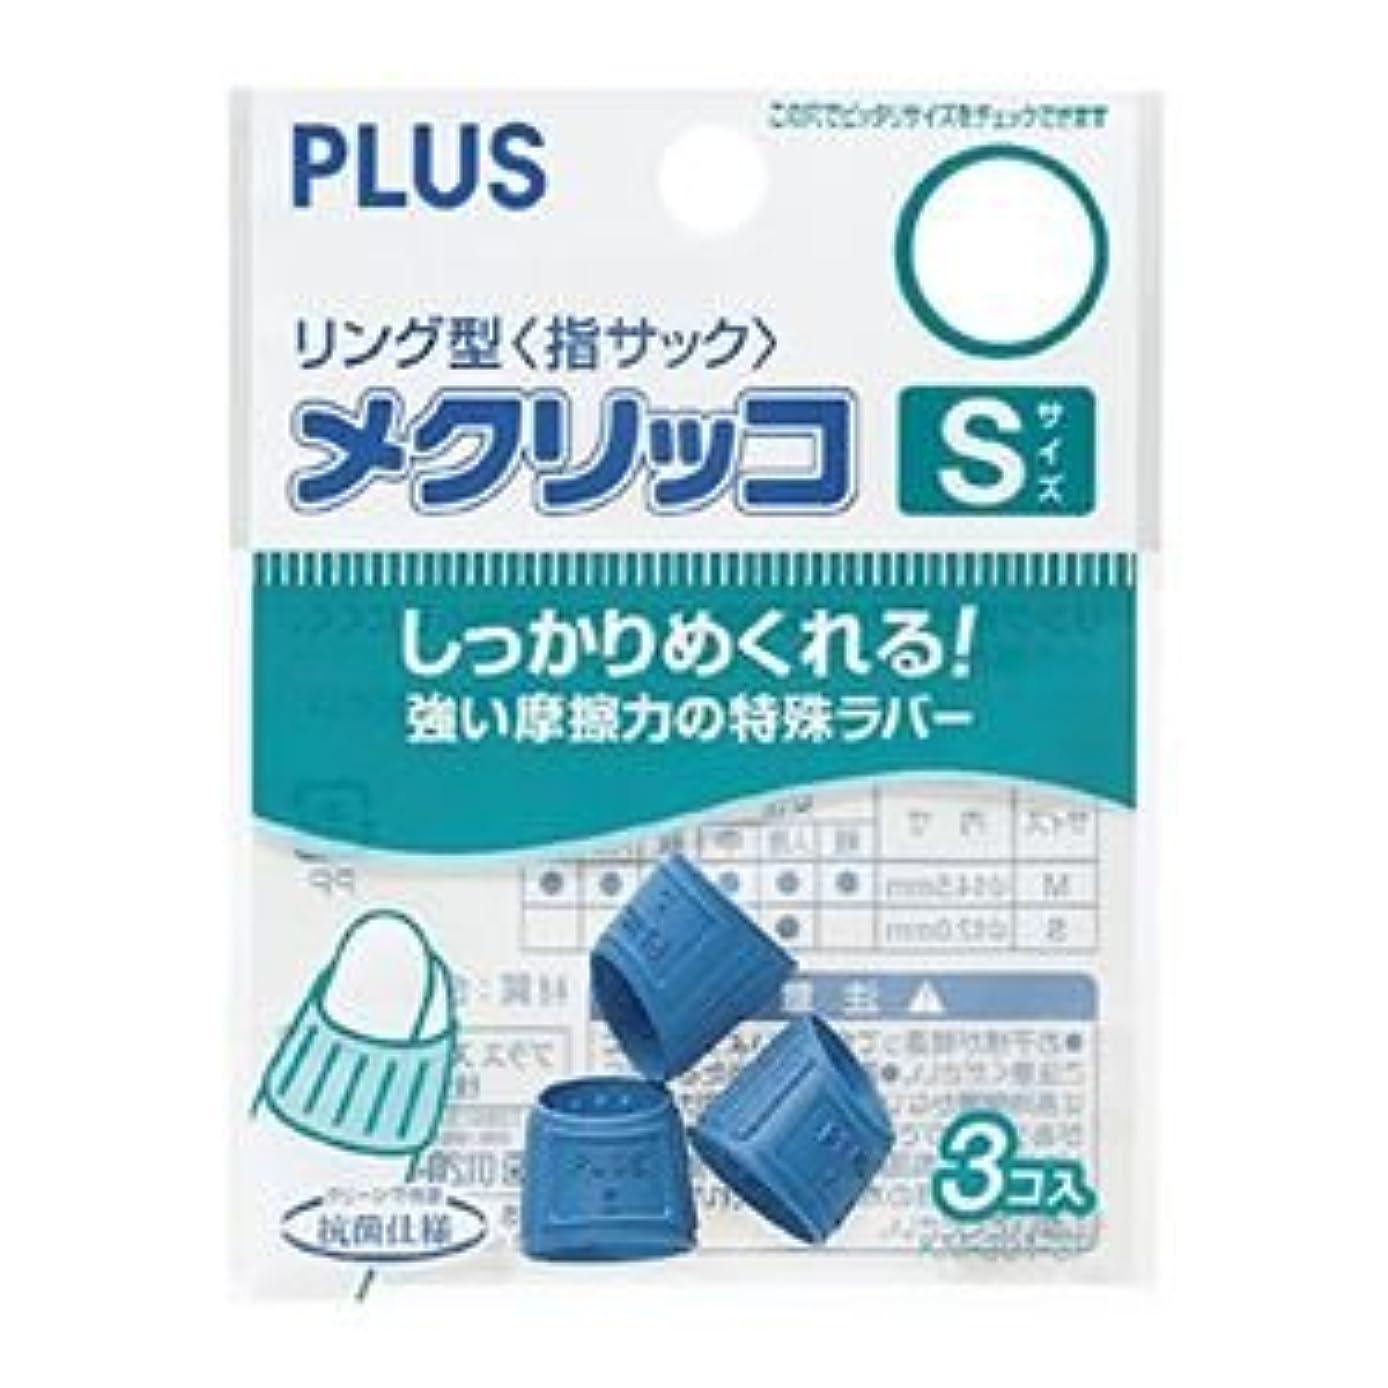 細菌人道的圧縮されたPLUS ムレ難いリング型指サックメクリッコS3個入 44746 【10個セット】 32-745